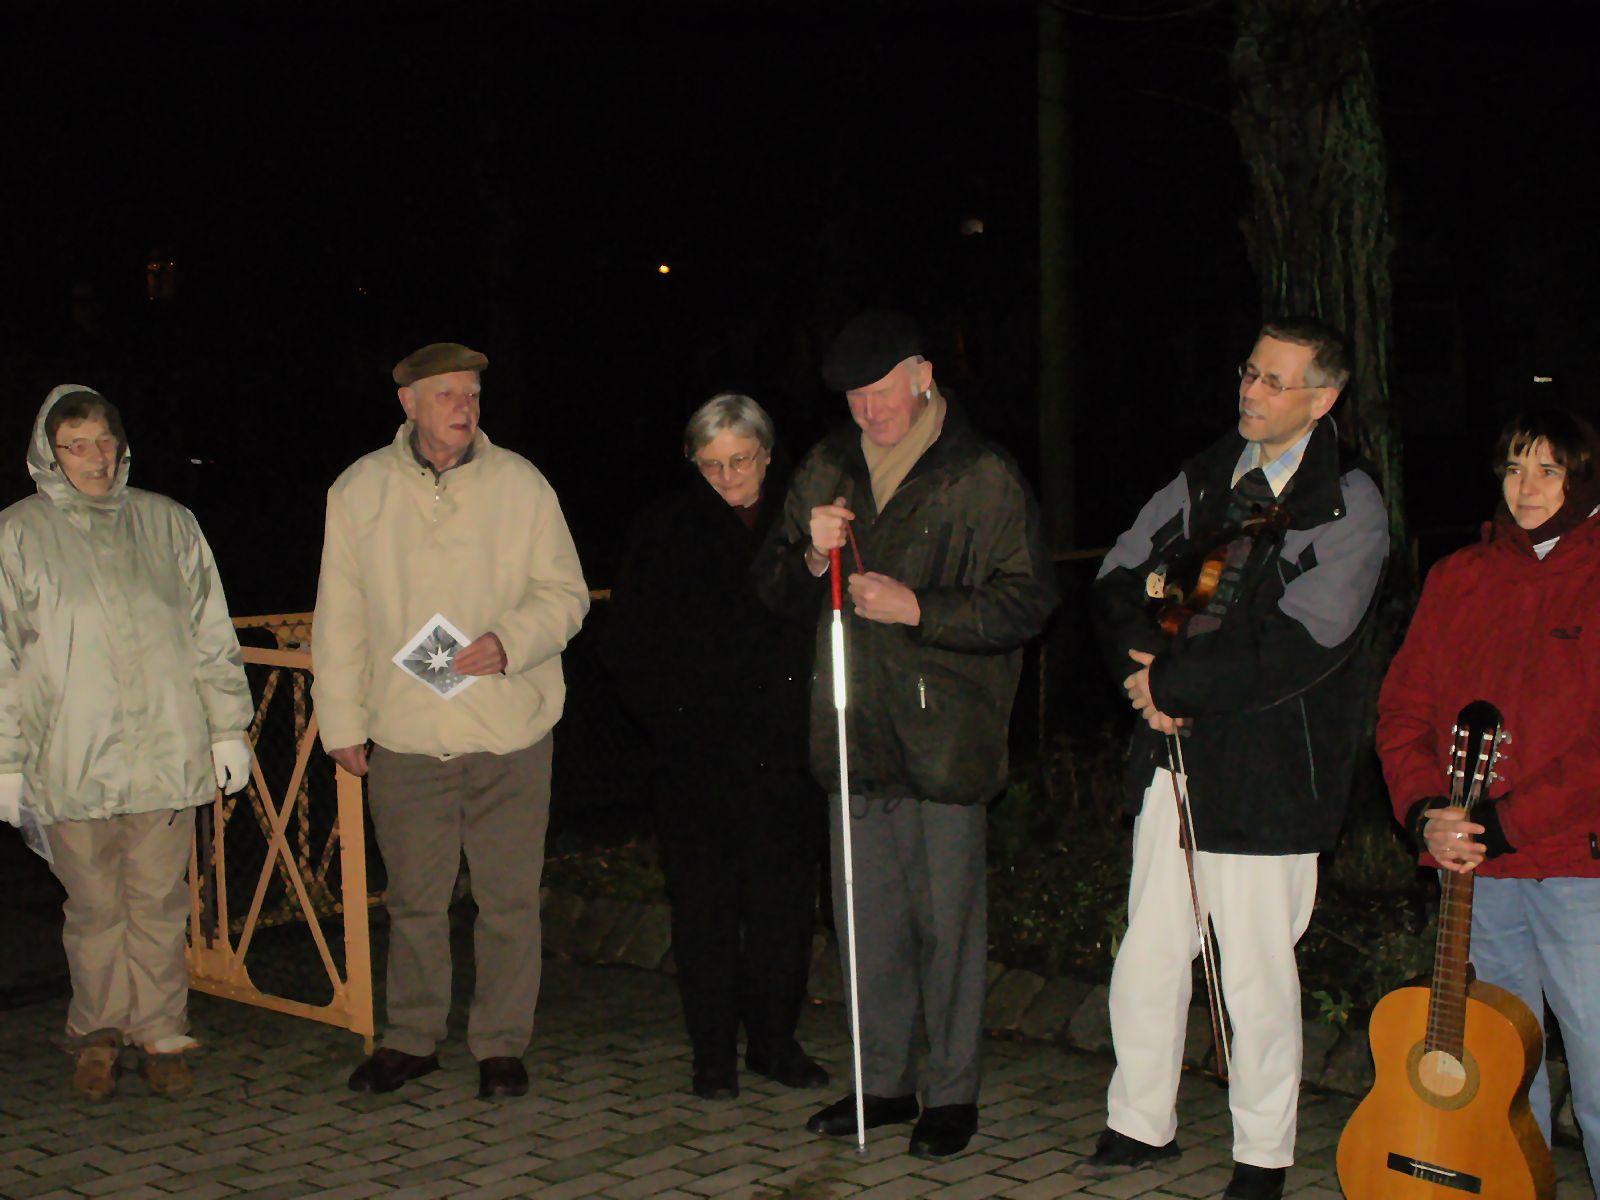 Teilnehmer (u.a. Barbara und Volker Landa mit ihren Instrumenten)